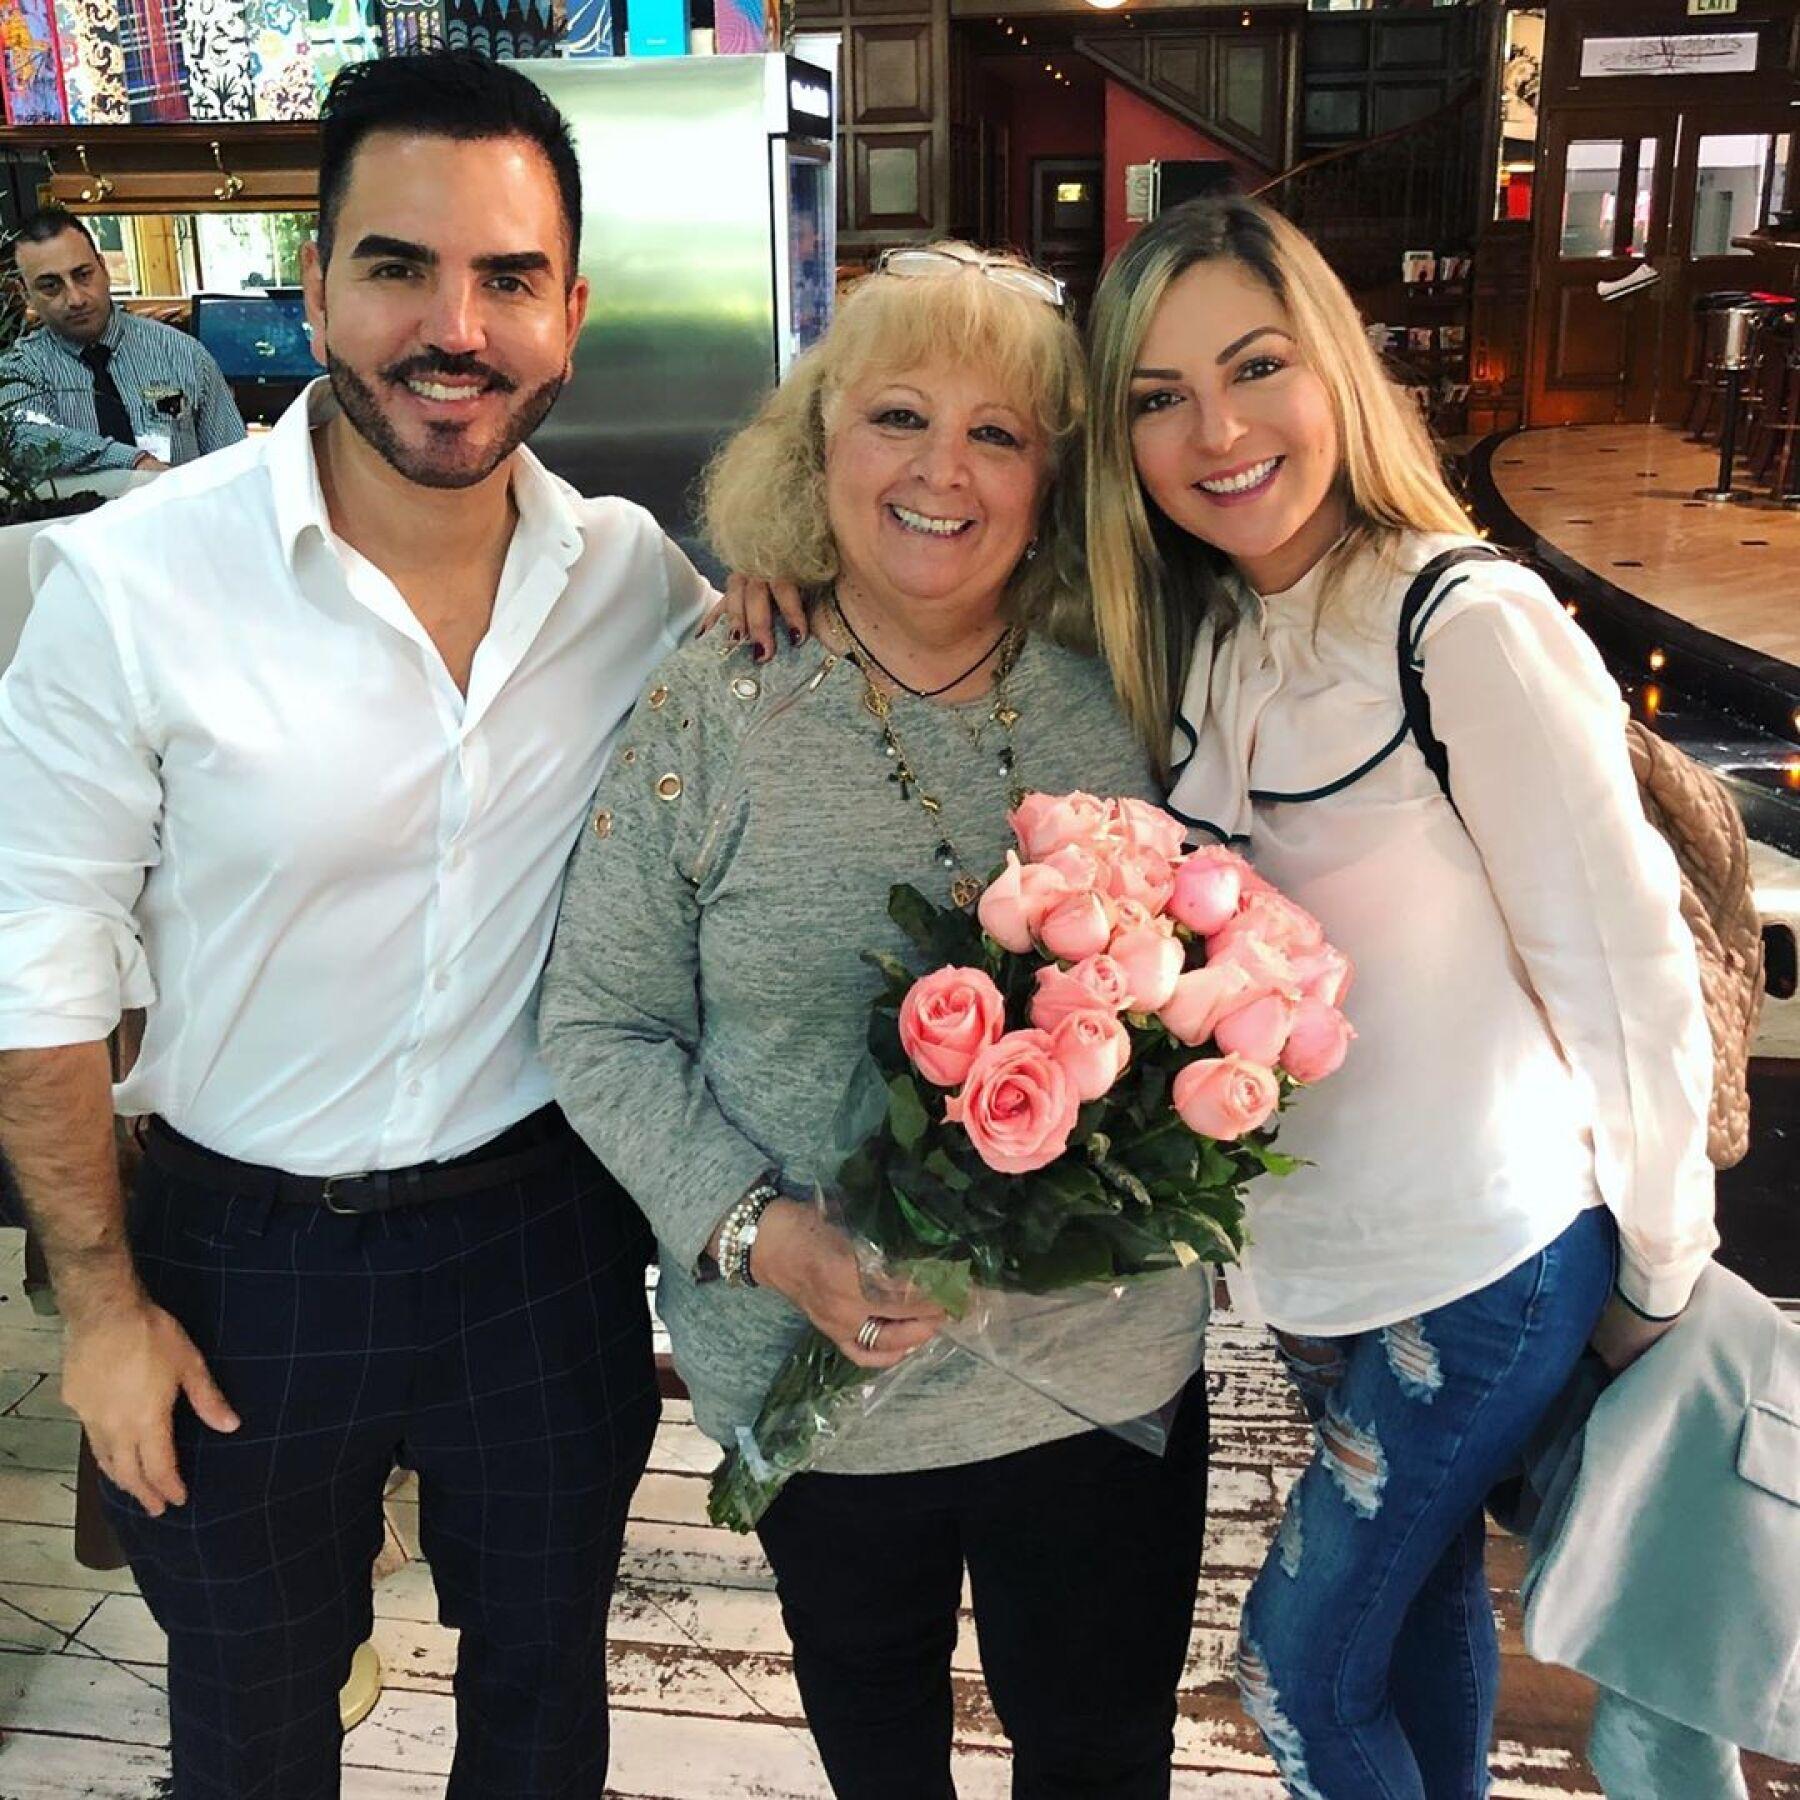 Octavio Ochoa, Yolanda Reyes y Mariana Ochoa.